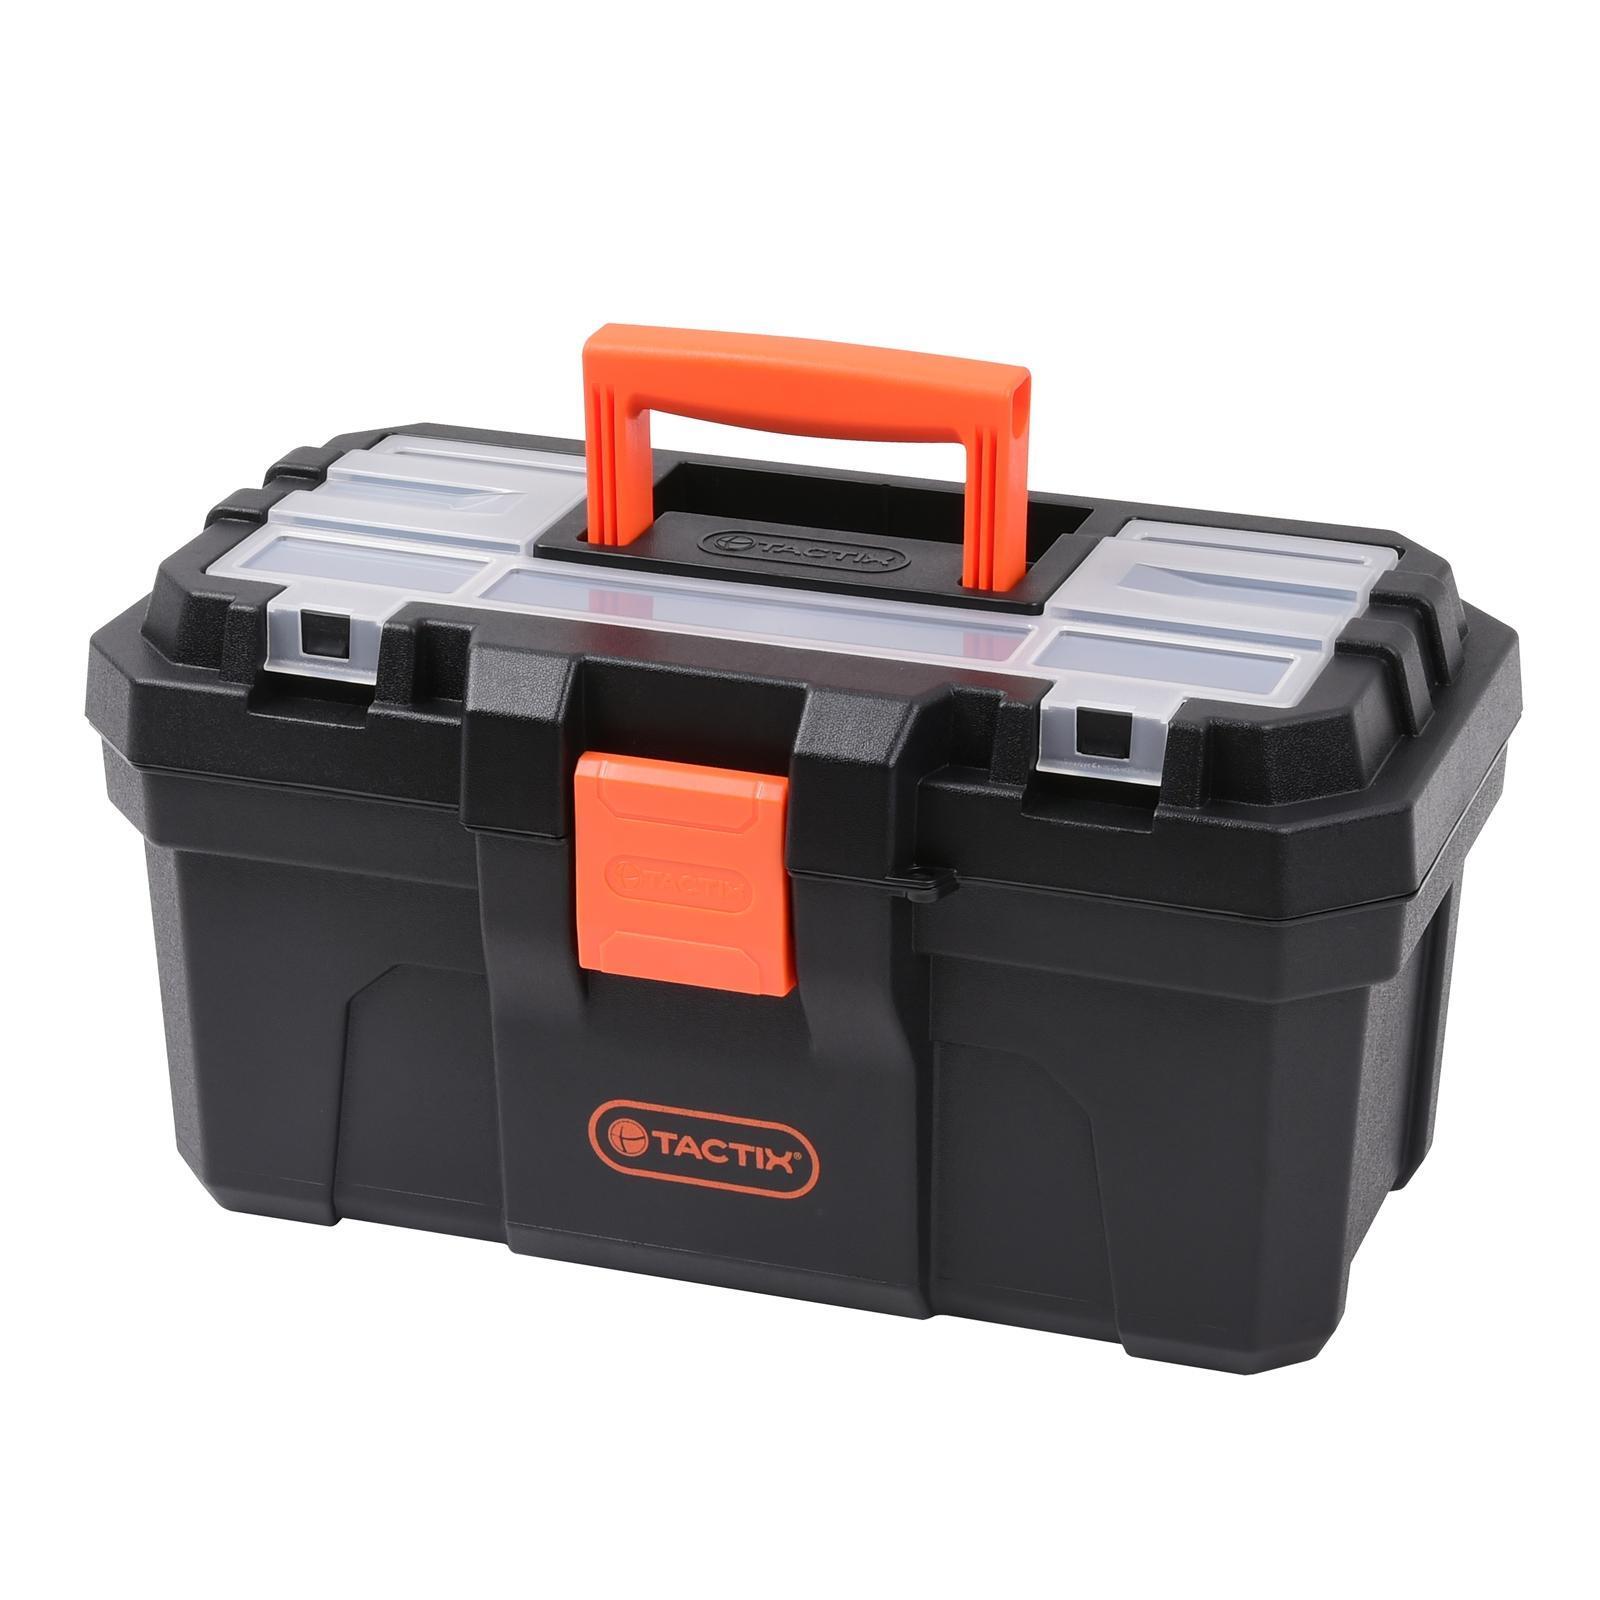 Tactix 400mm Tool Box